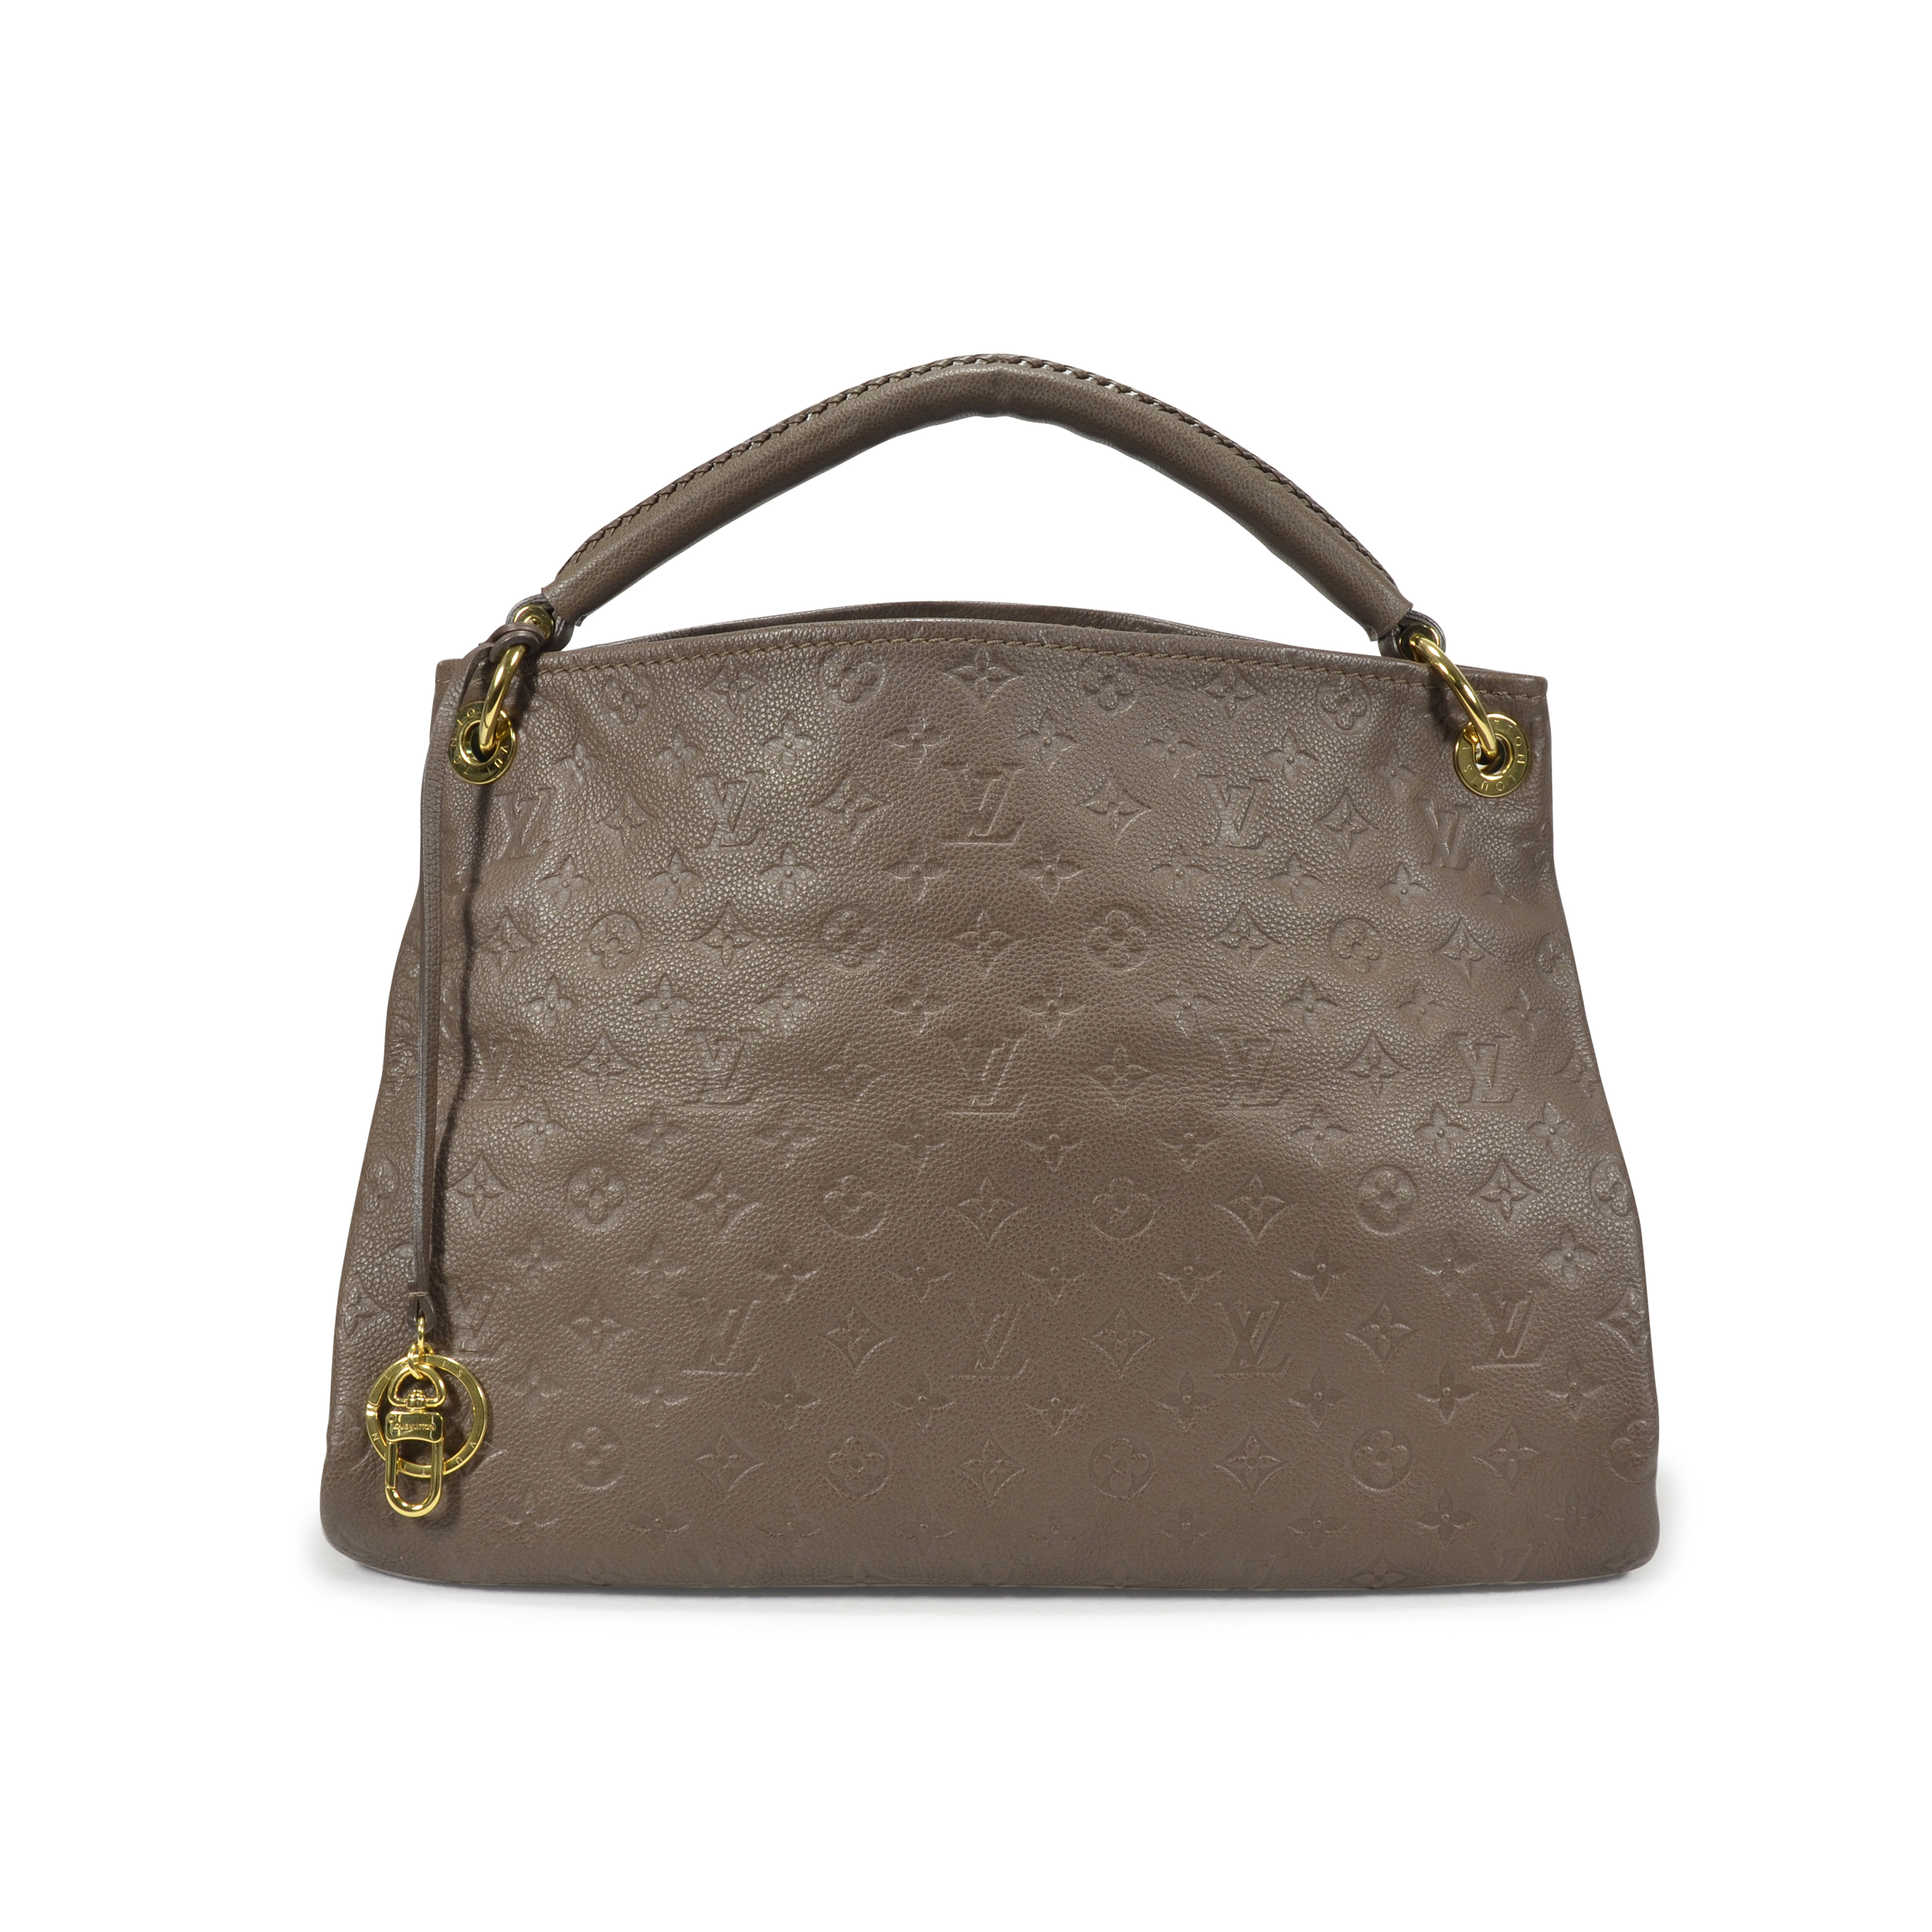 388a3de8fdae Authentic Second Hand Louis Vuitton Empreinte Artsy Bag (PSS-350-00021)